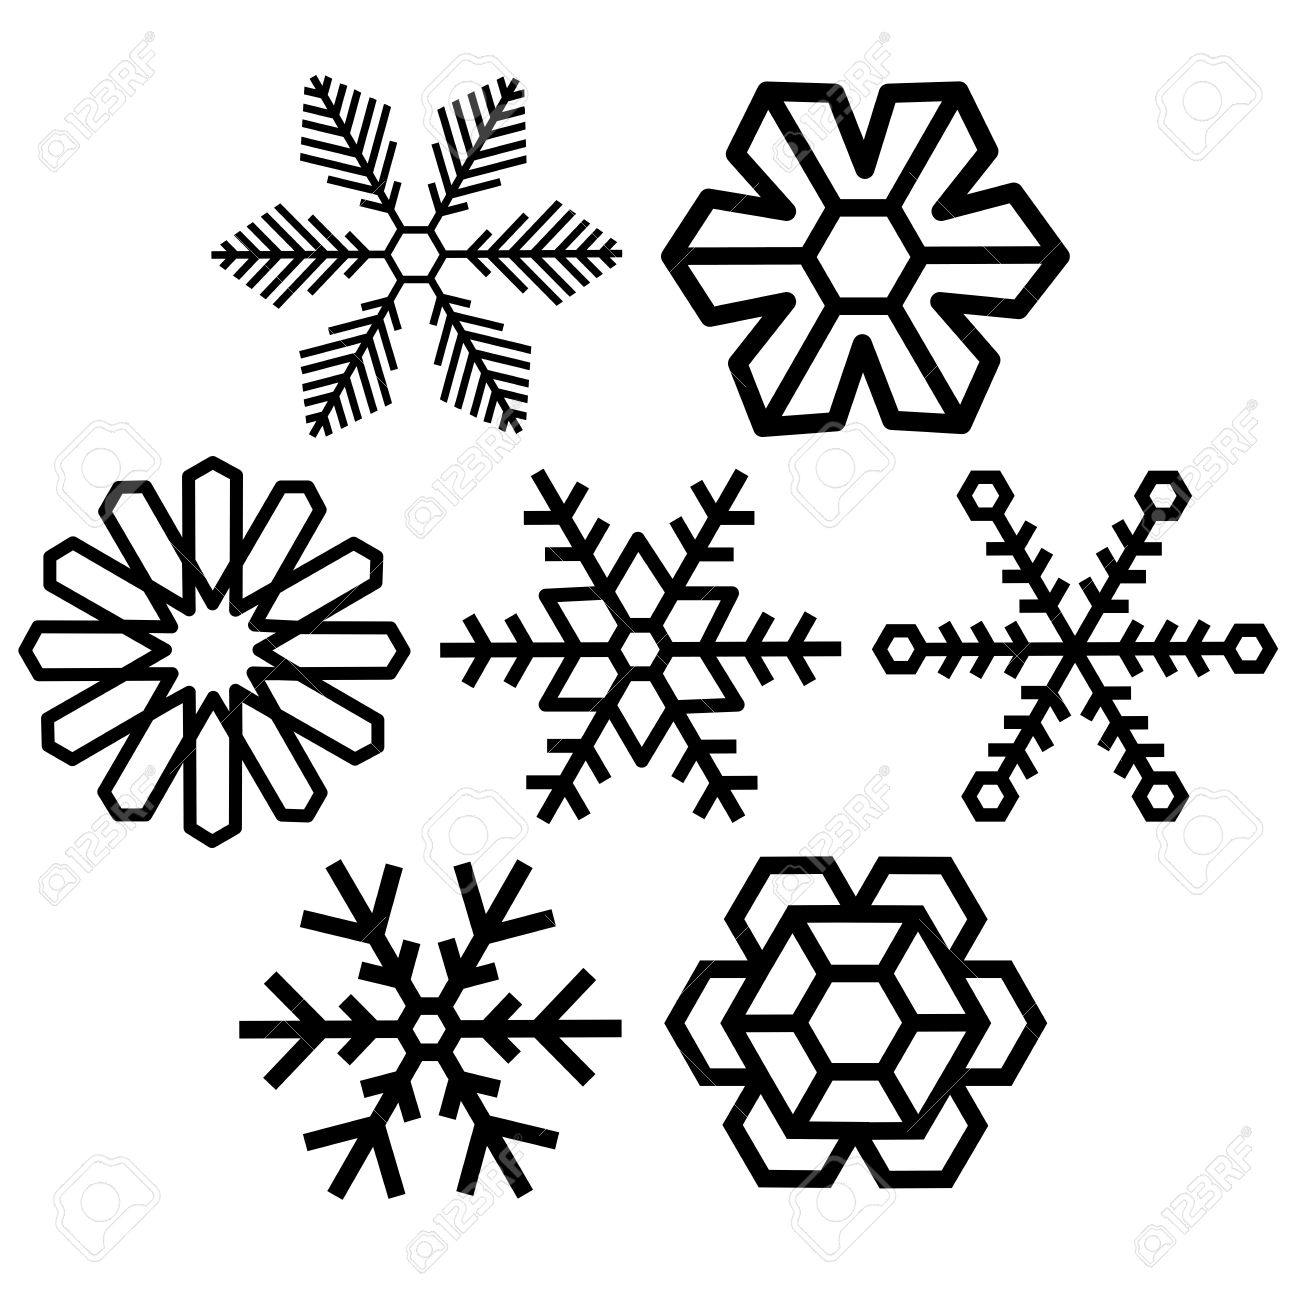 Snow crystal clipart.